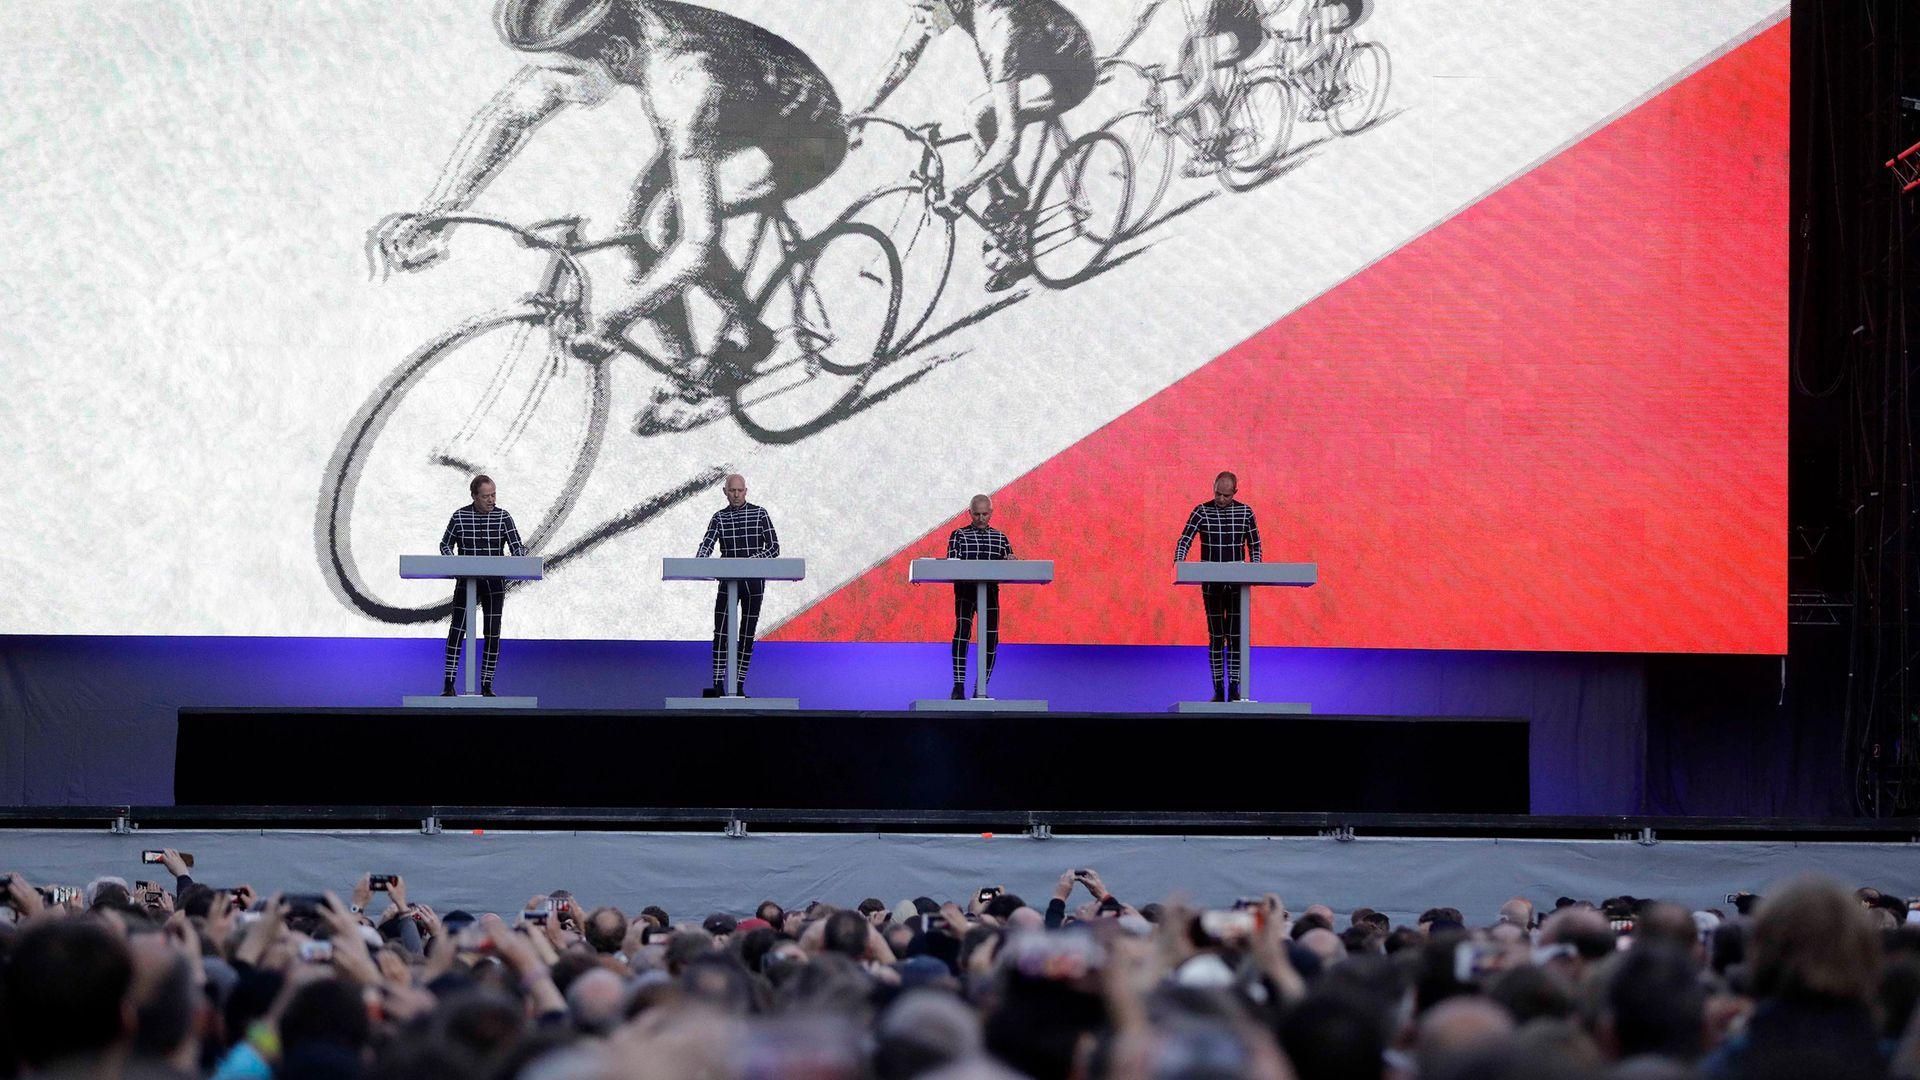 Kraftwerk performing in Düsseldorf in 2017 - Credit: ullstein bild via Getty Images